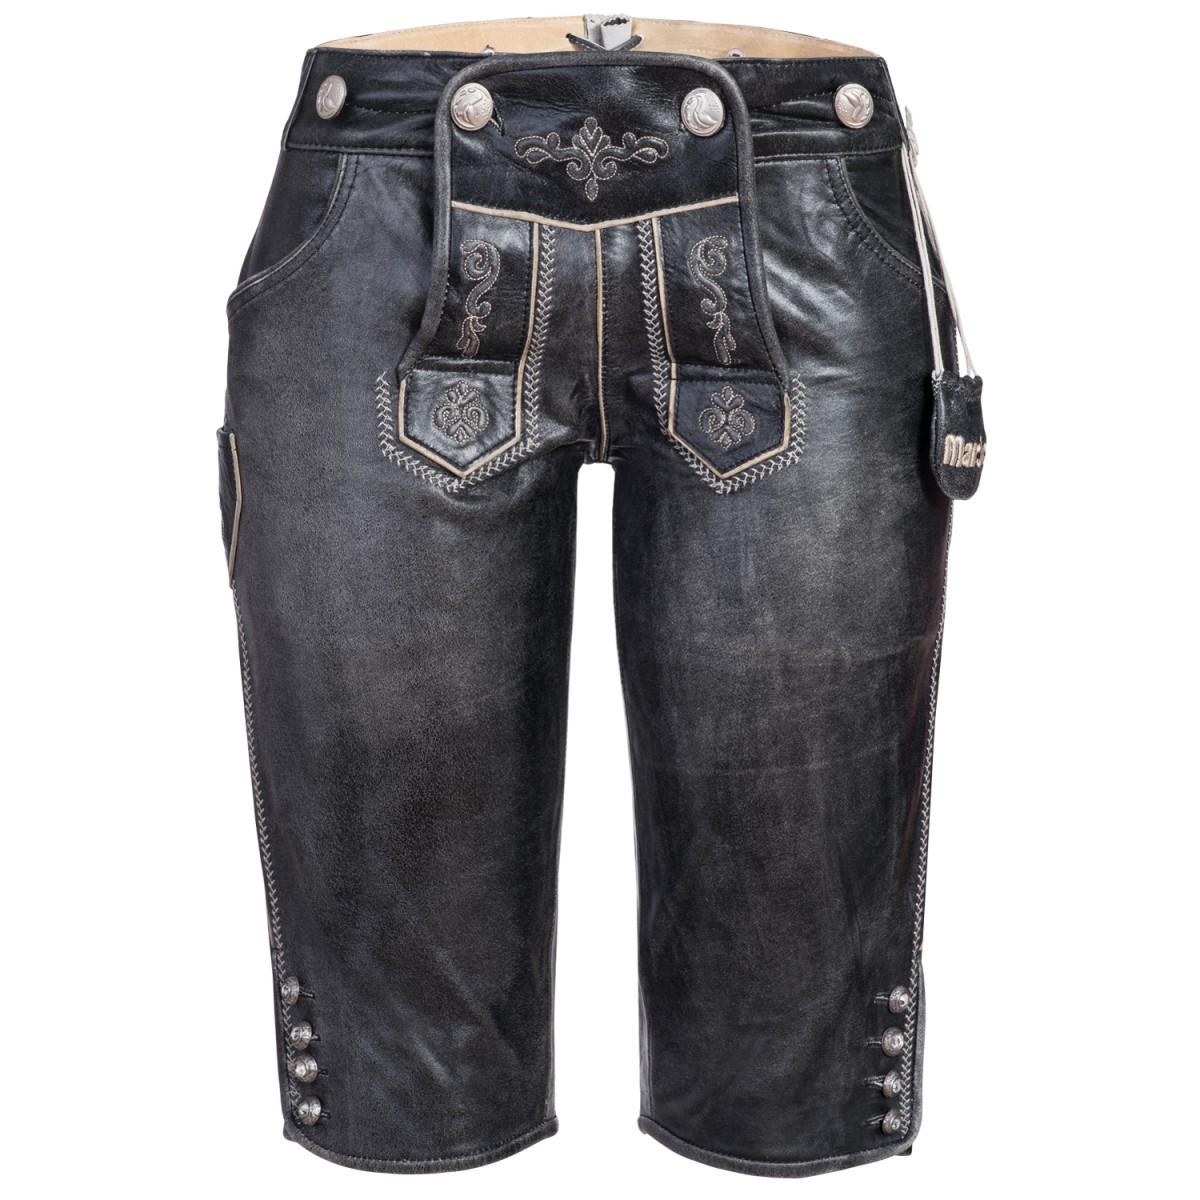 kurze Lederhose in Schwarz von Marjo Trachten günstig online kaufen